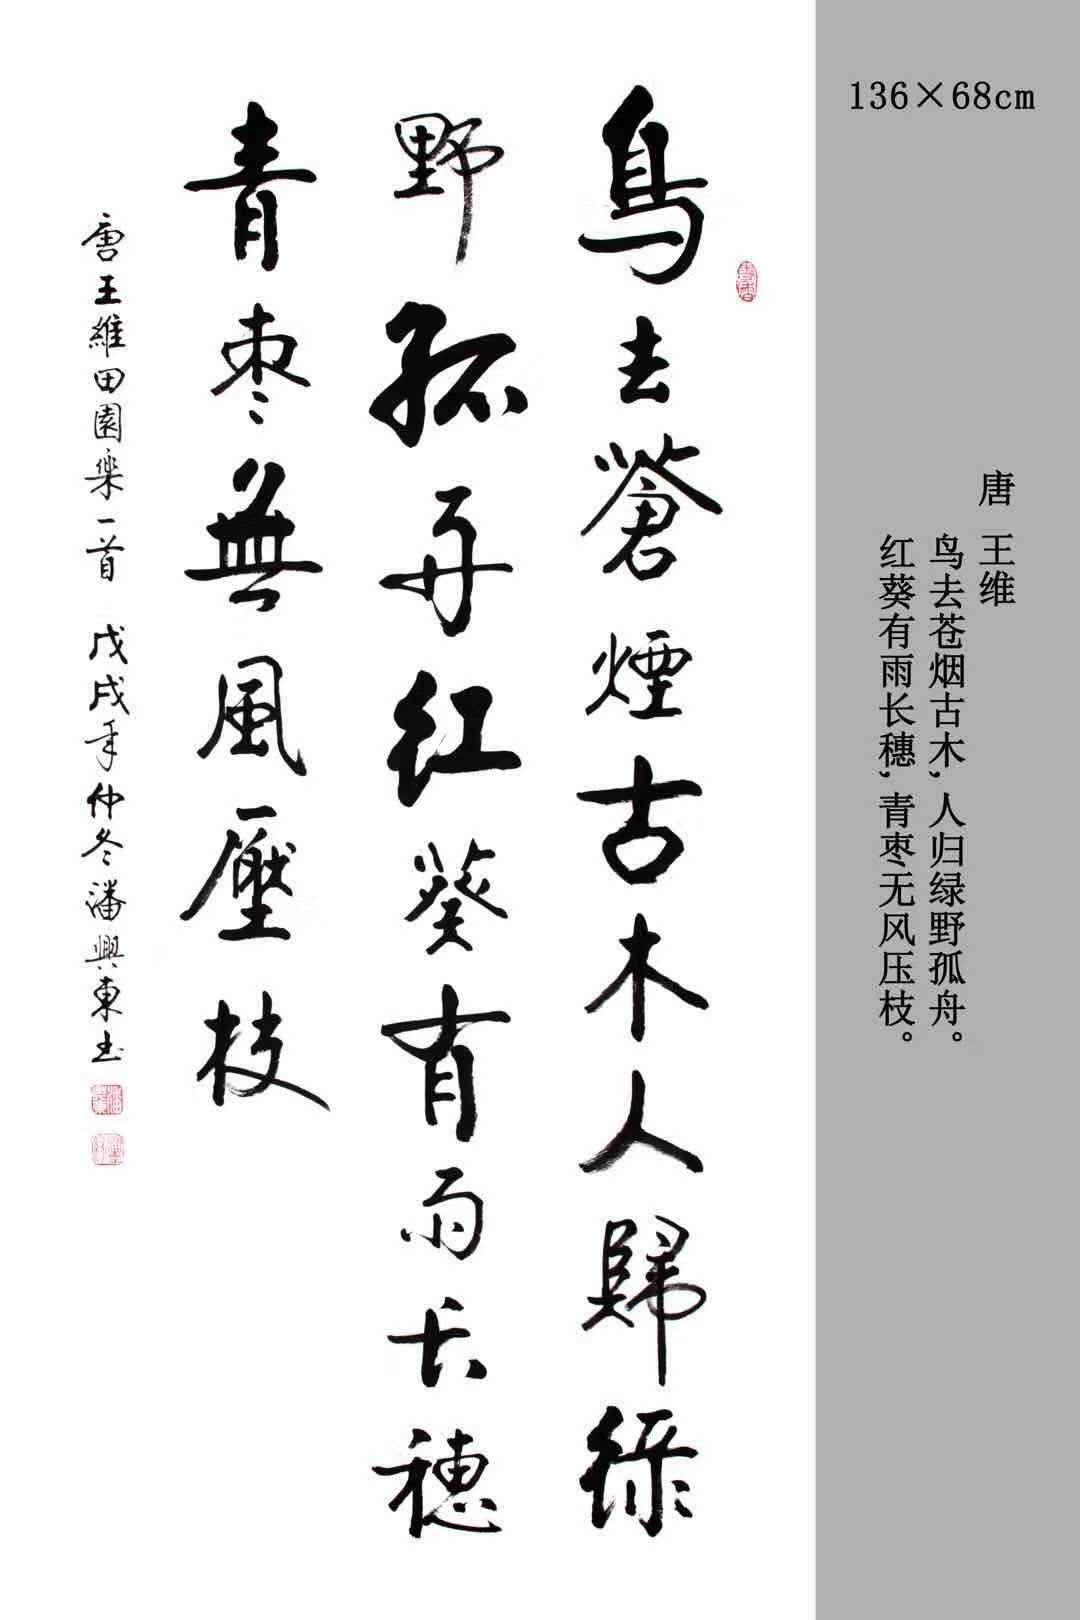 著名书法家潘兴东2019年书法作品欣赏(八)图片